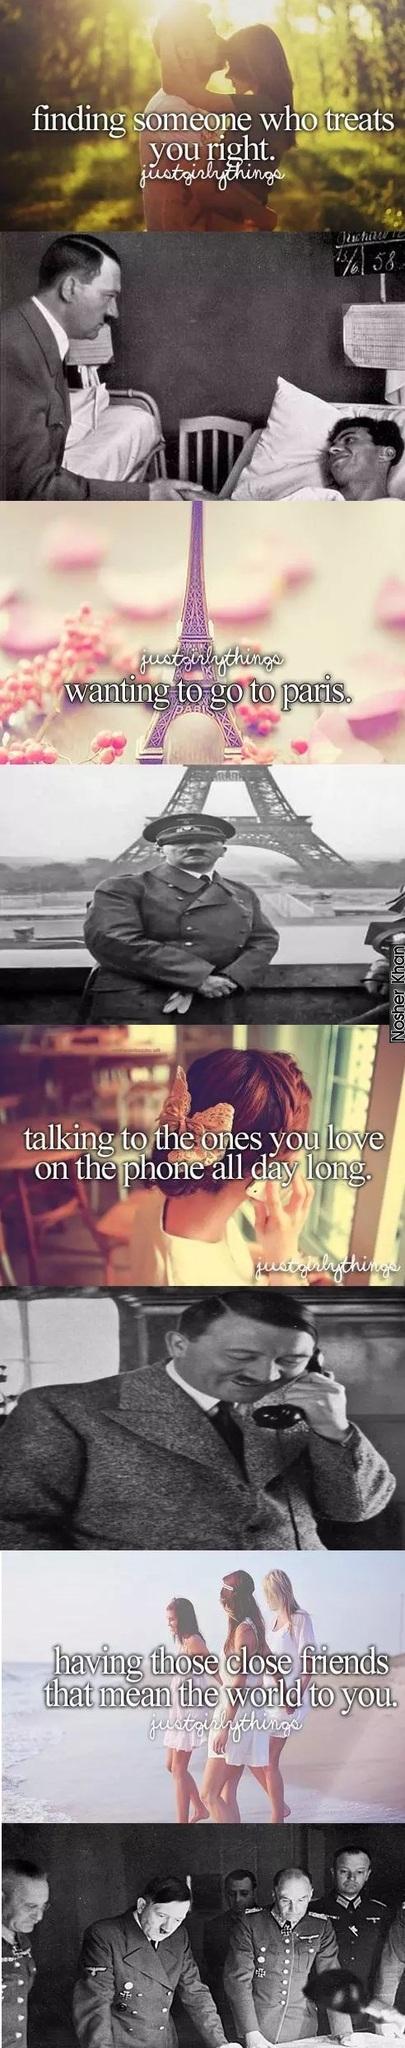 Hitler was sexy tho - meme